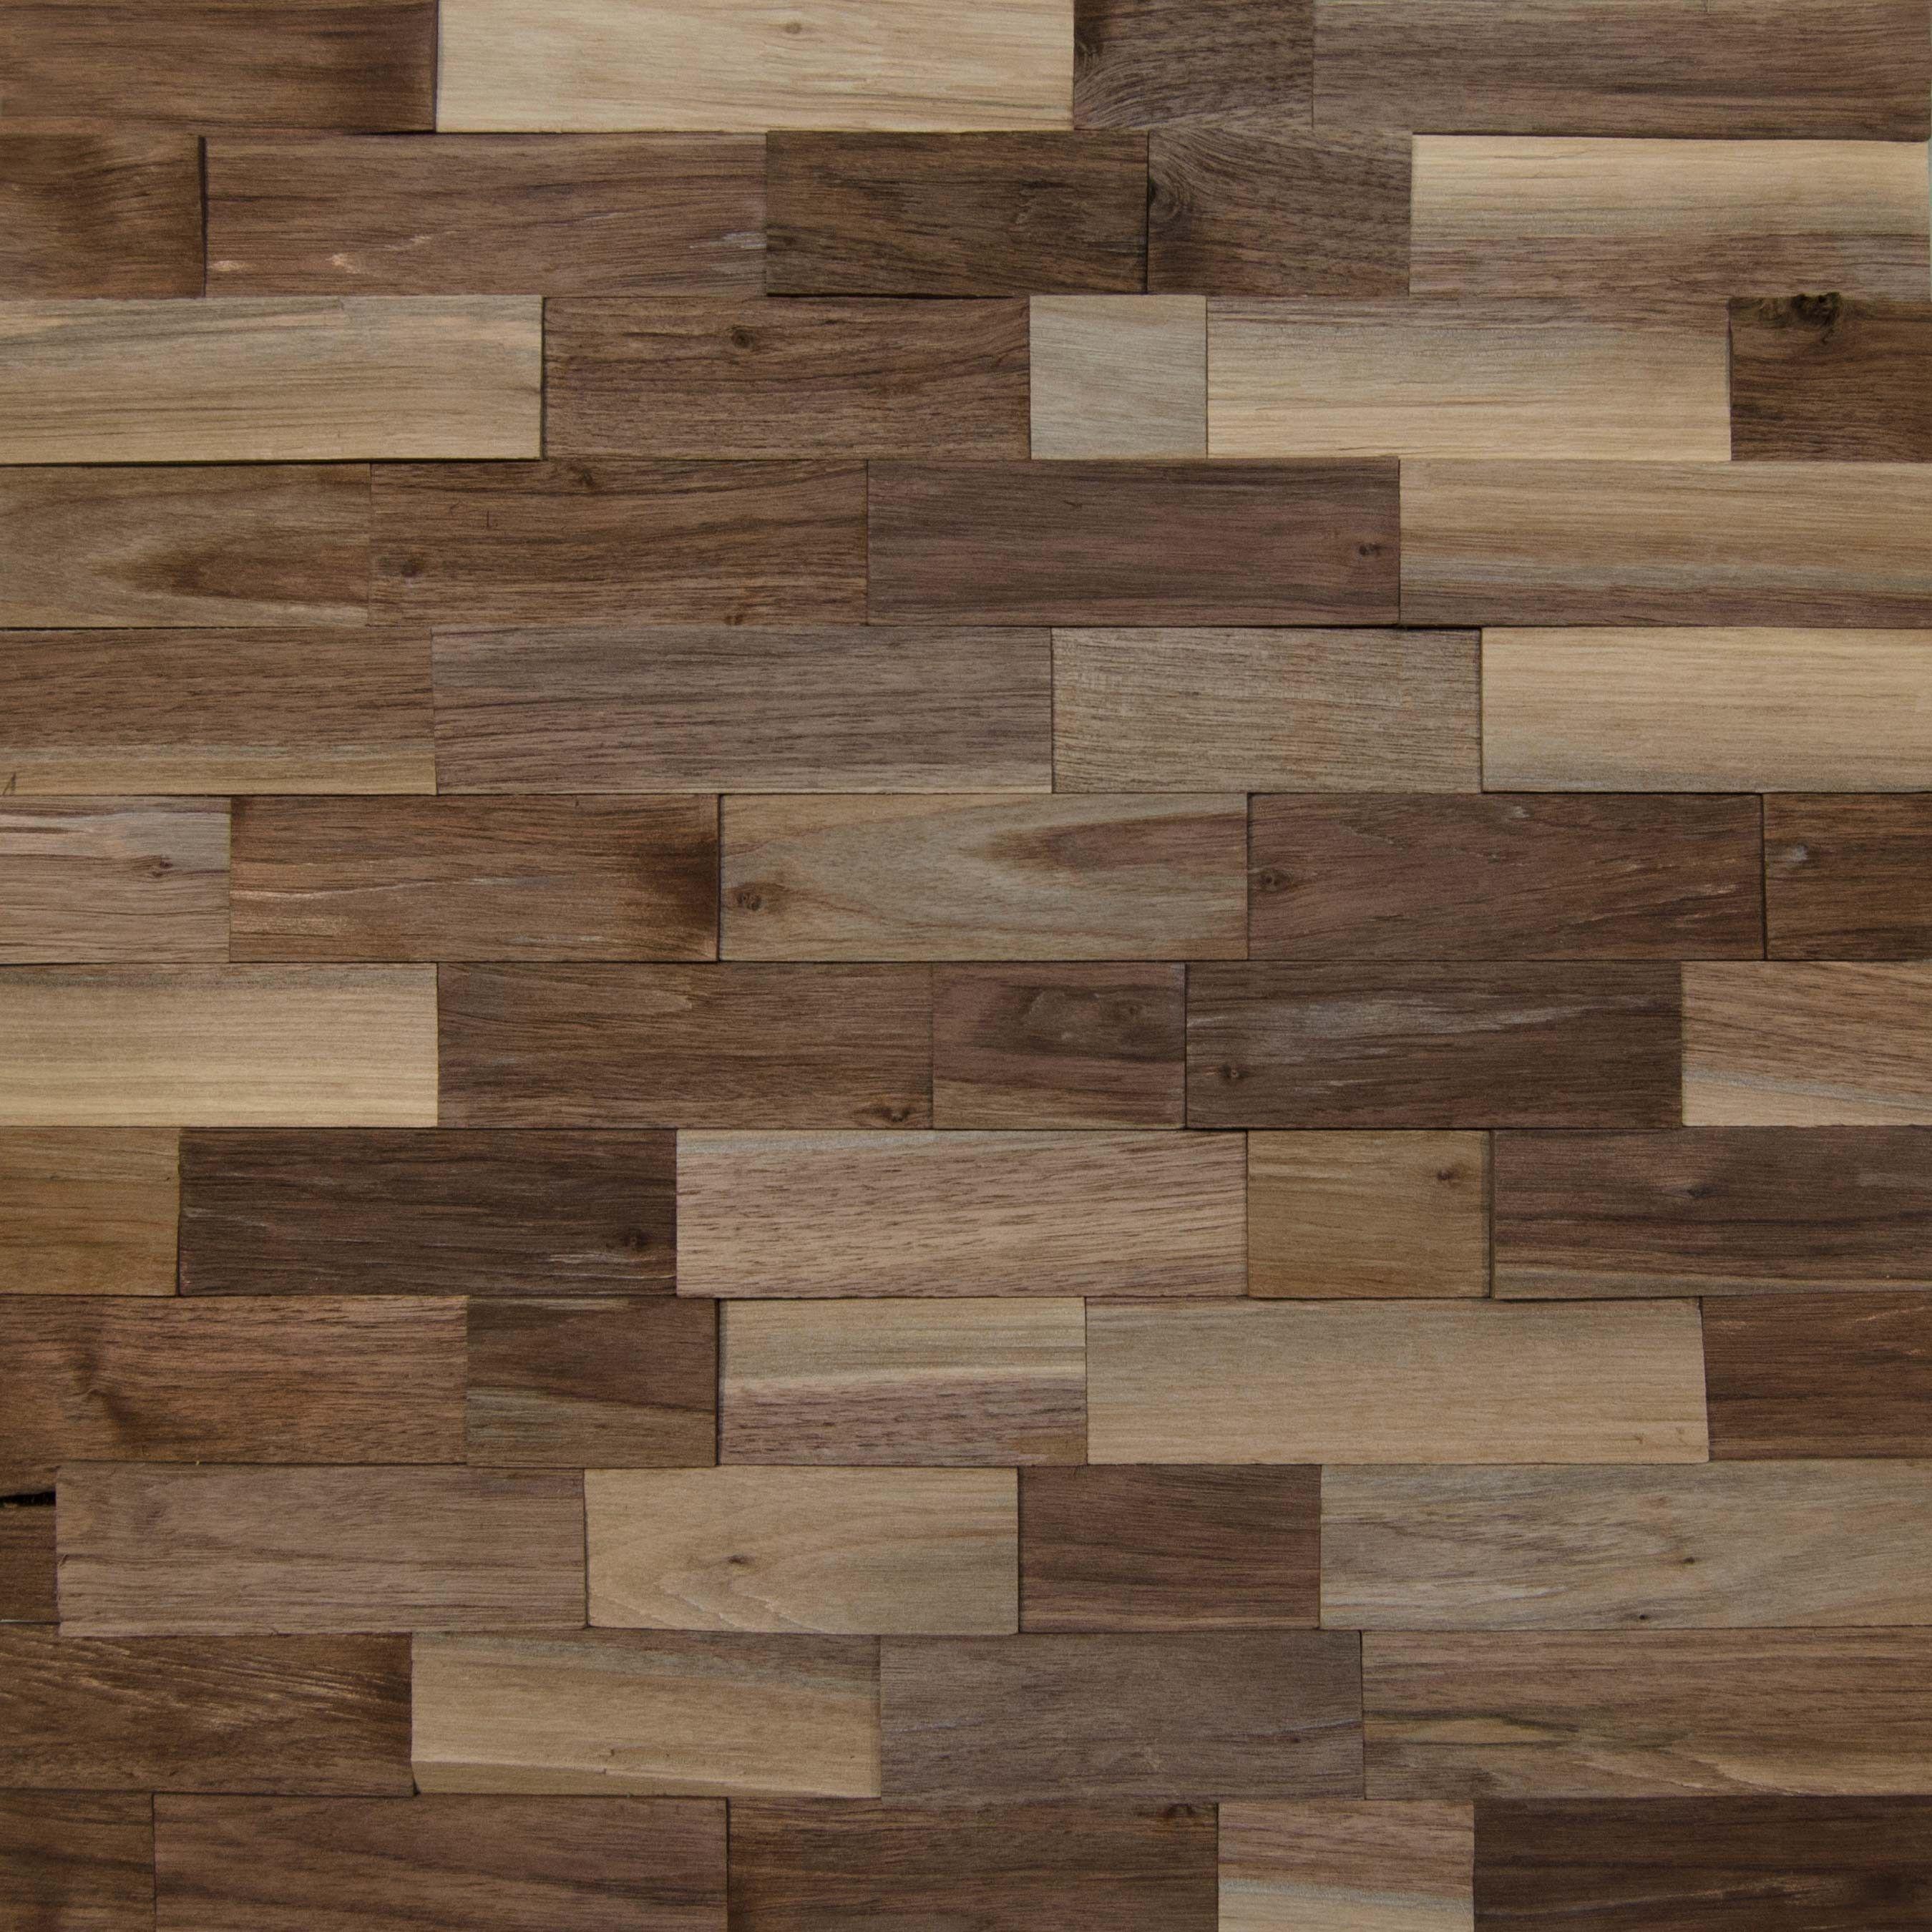 Textura de madera cafe oscura buscar con google - Madera para exteriores ...